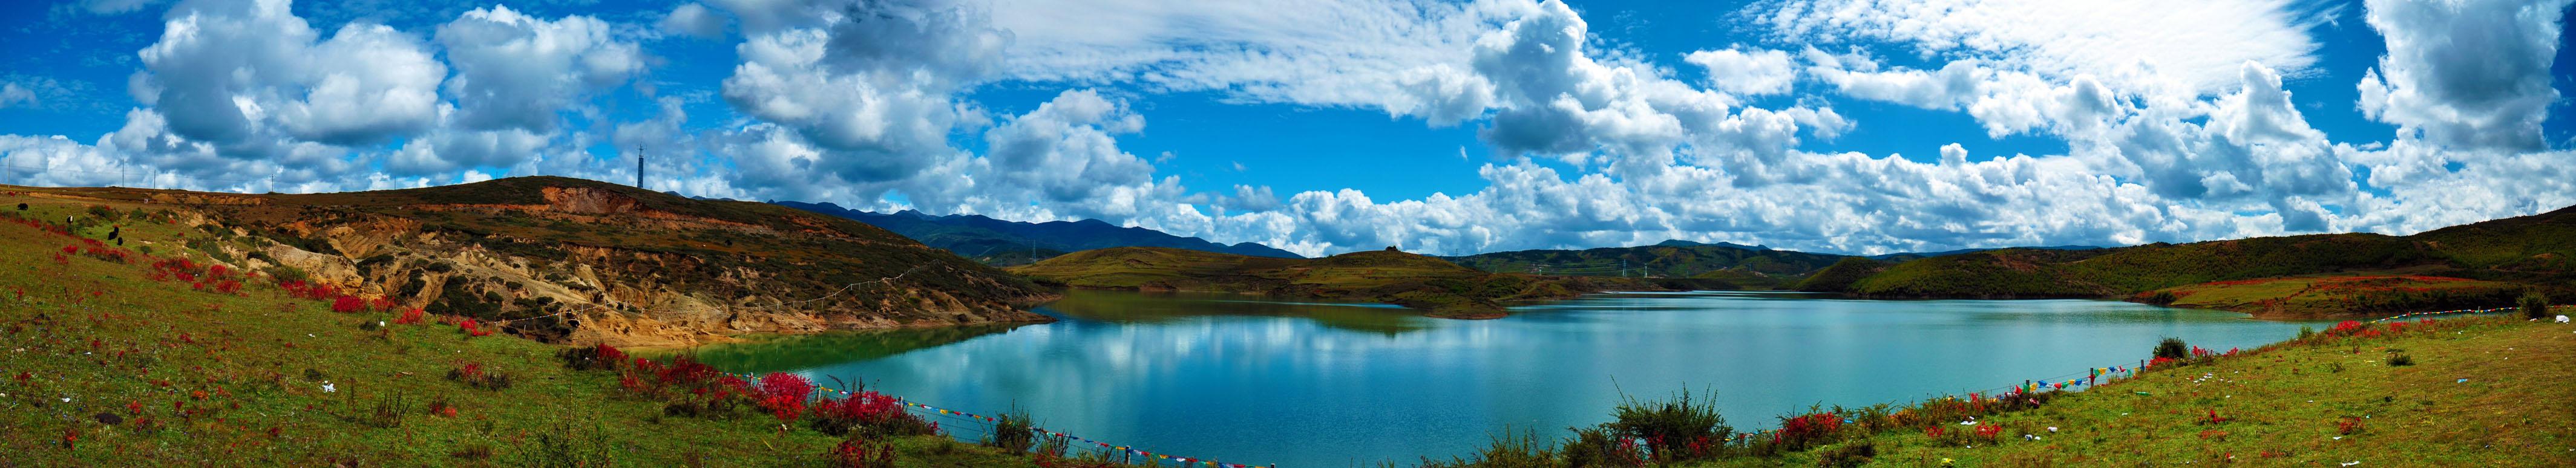 Затерянный мир <br> Пекин — Лоян — Сиань — Лицзян — Шангри-ла — Шанхай